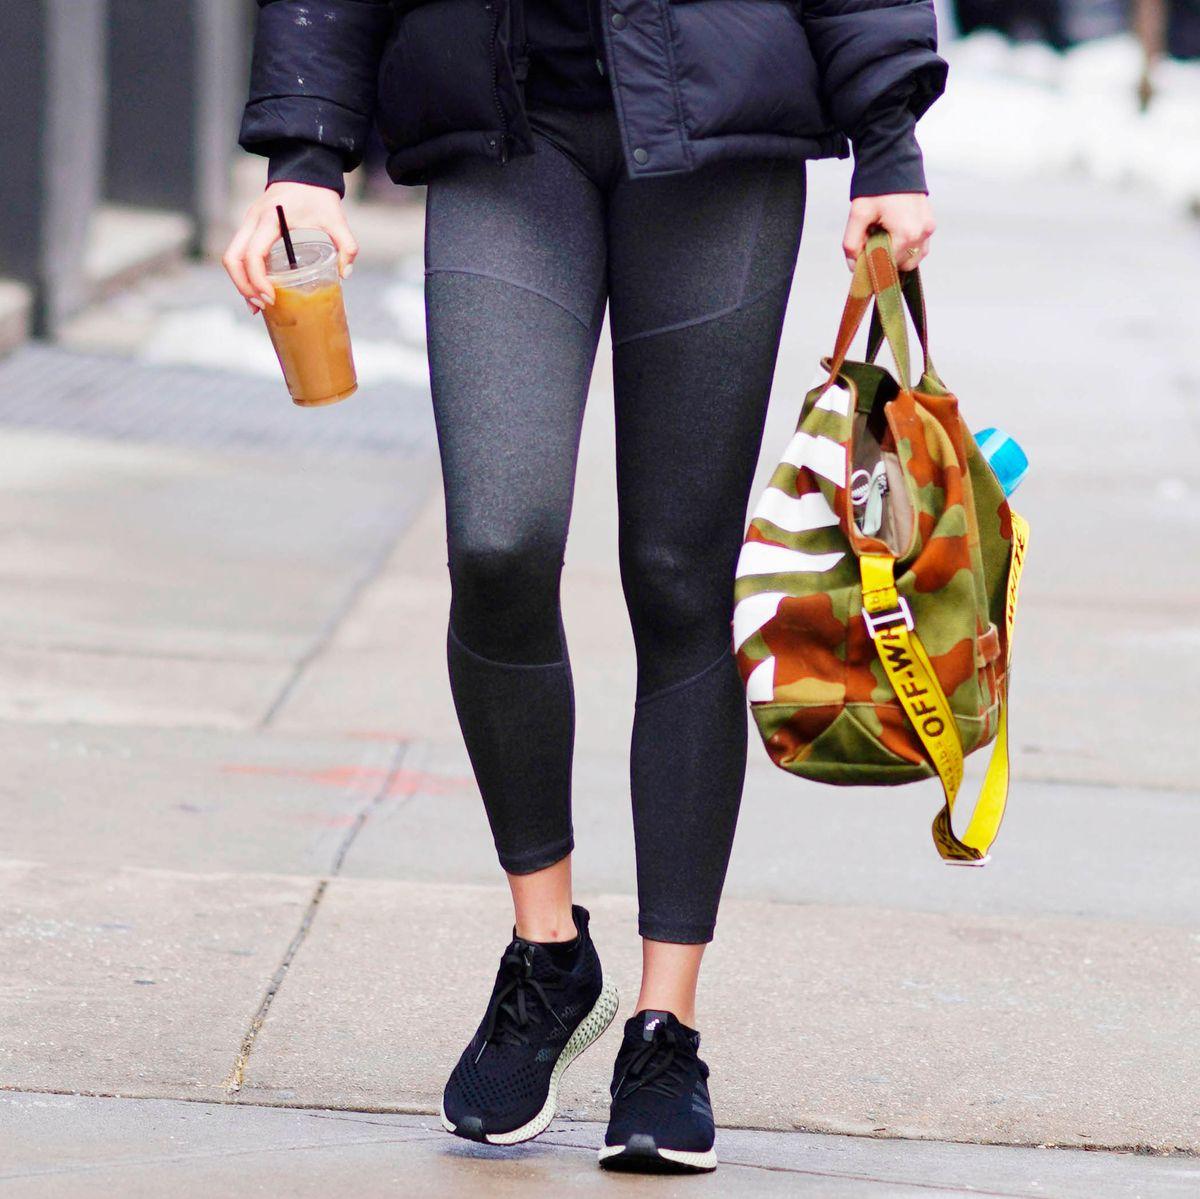 12 Best Yoga Pants For Women 2020 The Strategist New York Magazine